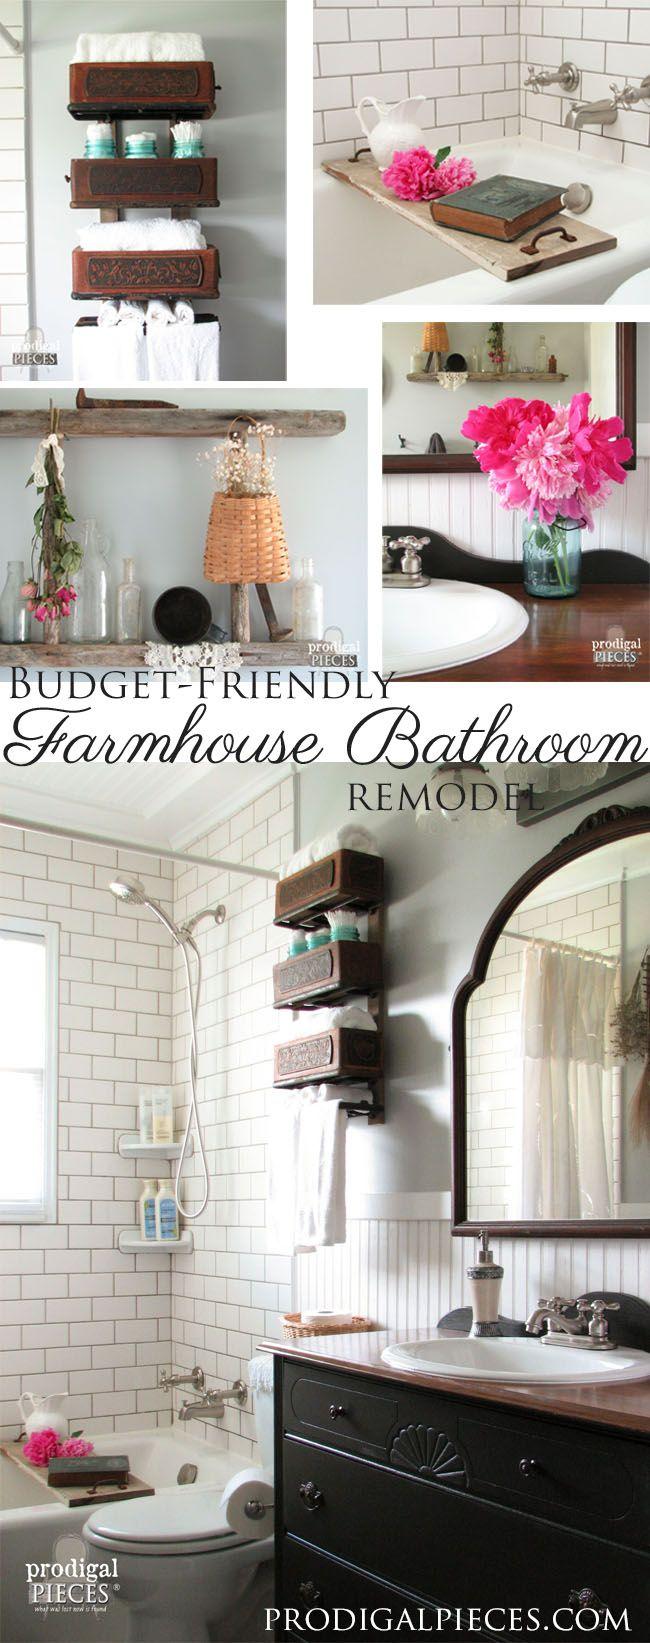 best bathrooms images on pinterest home ideas jars and mason jars